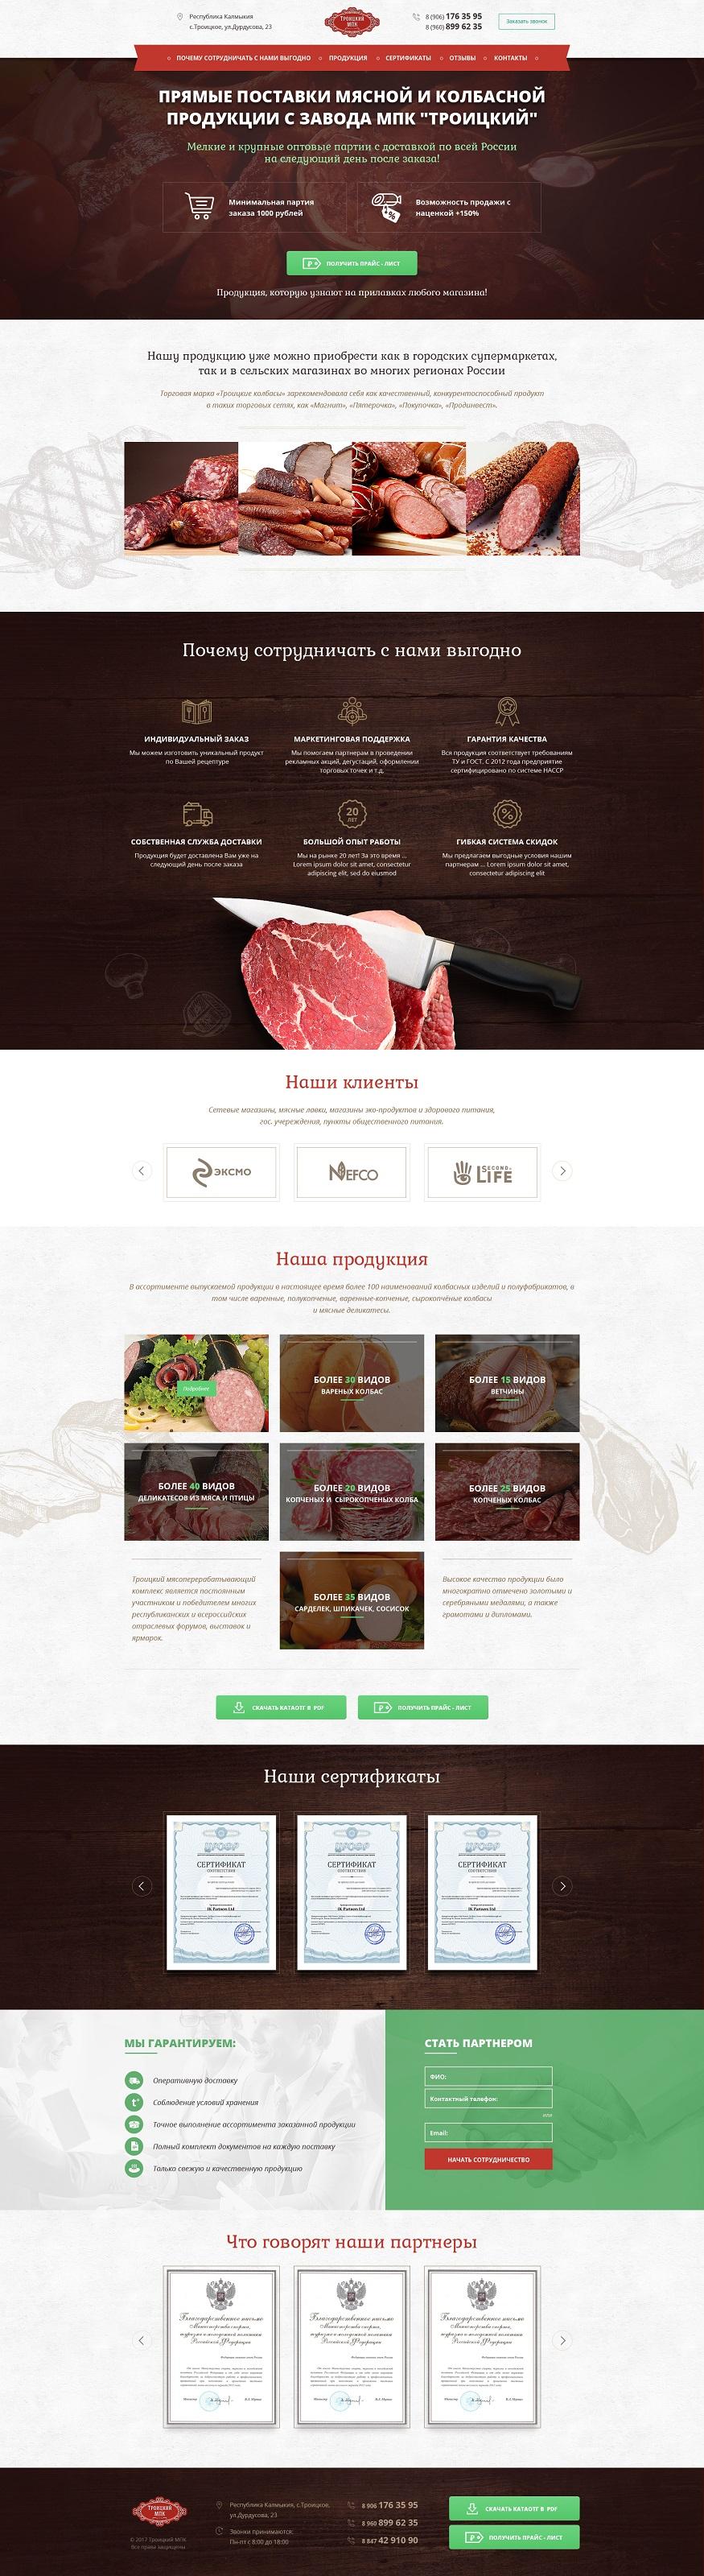 Landing Page для мясокомбината